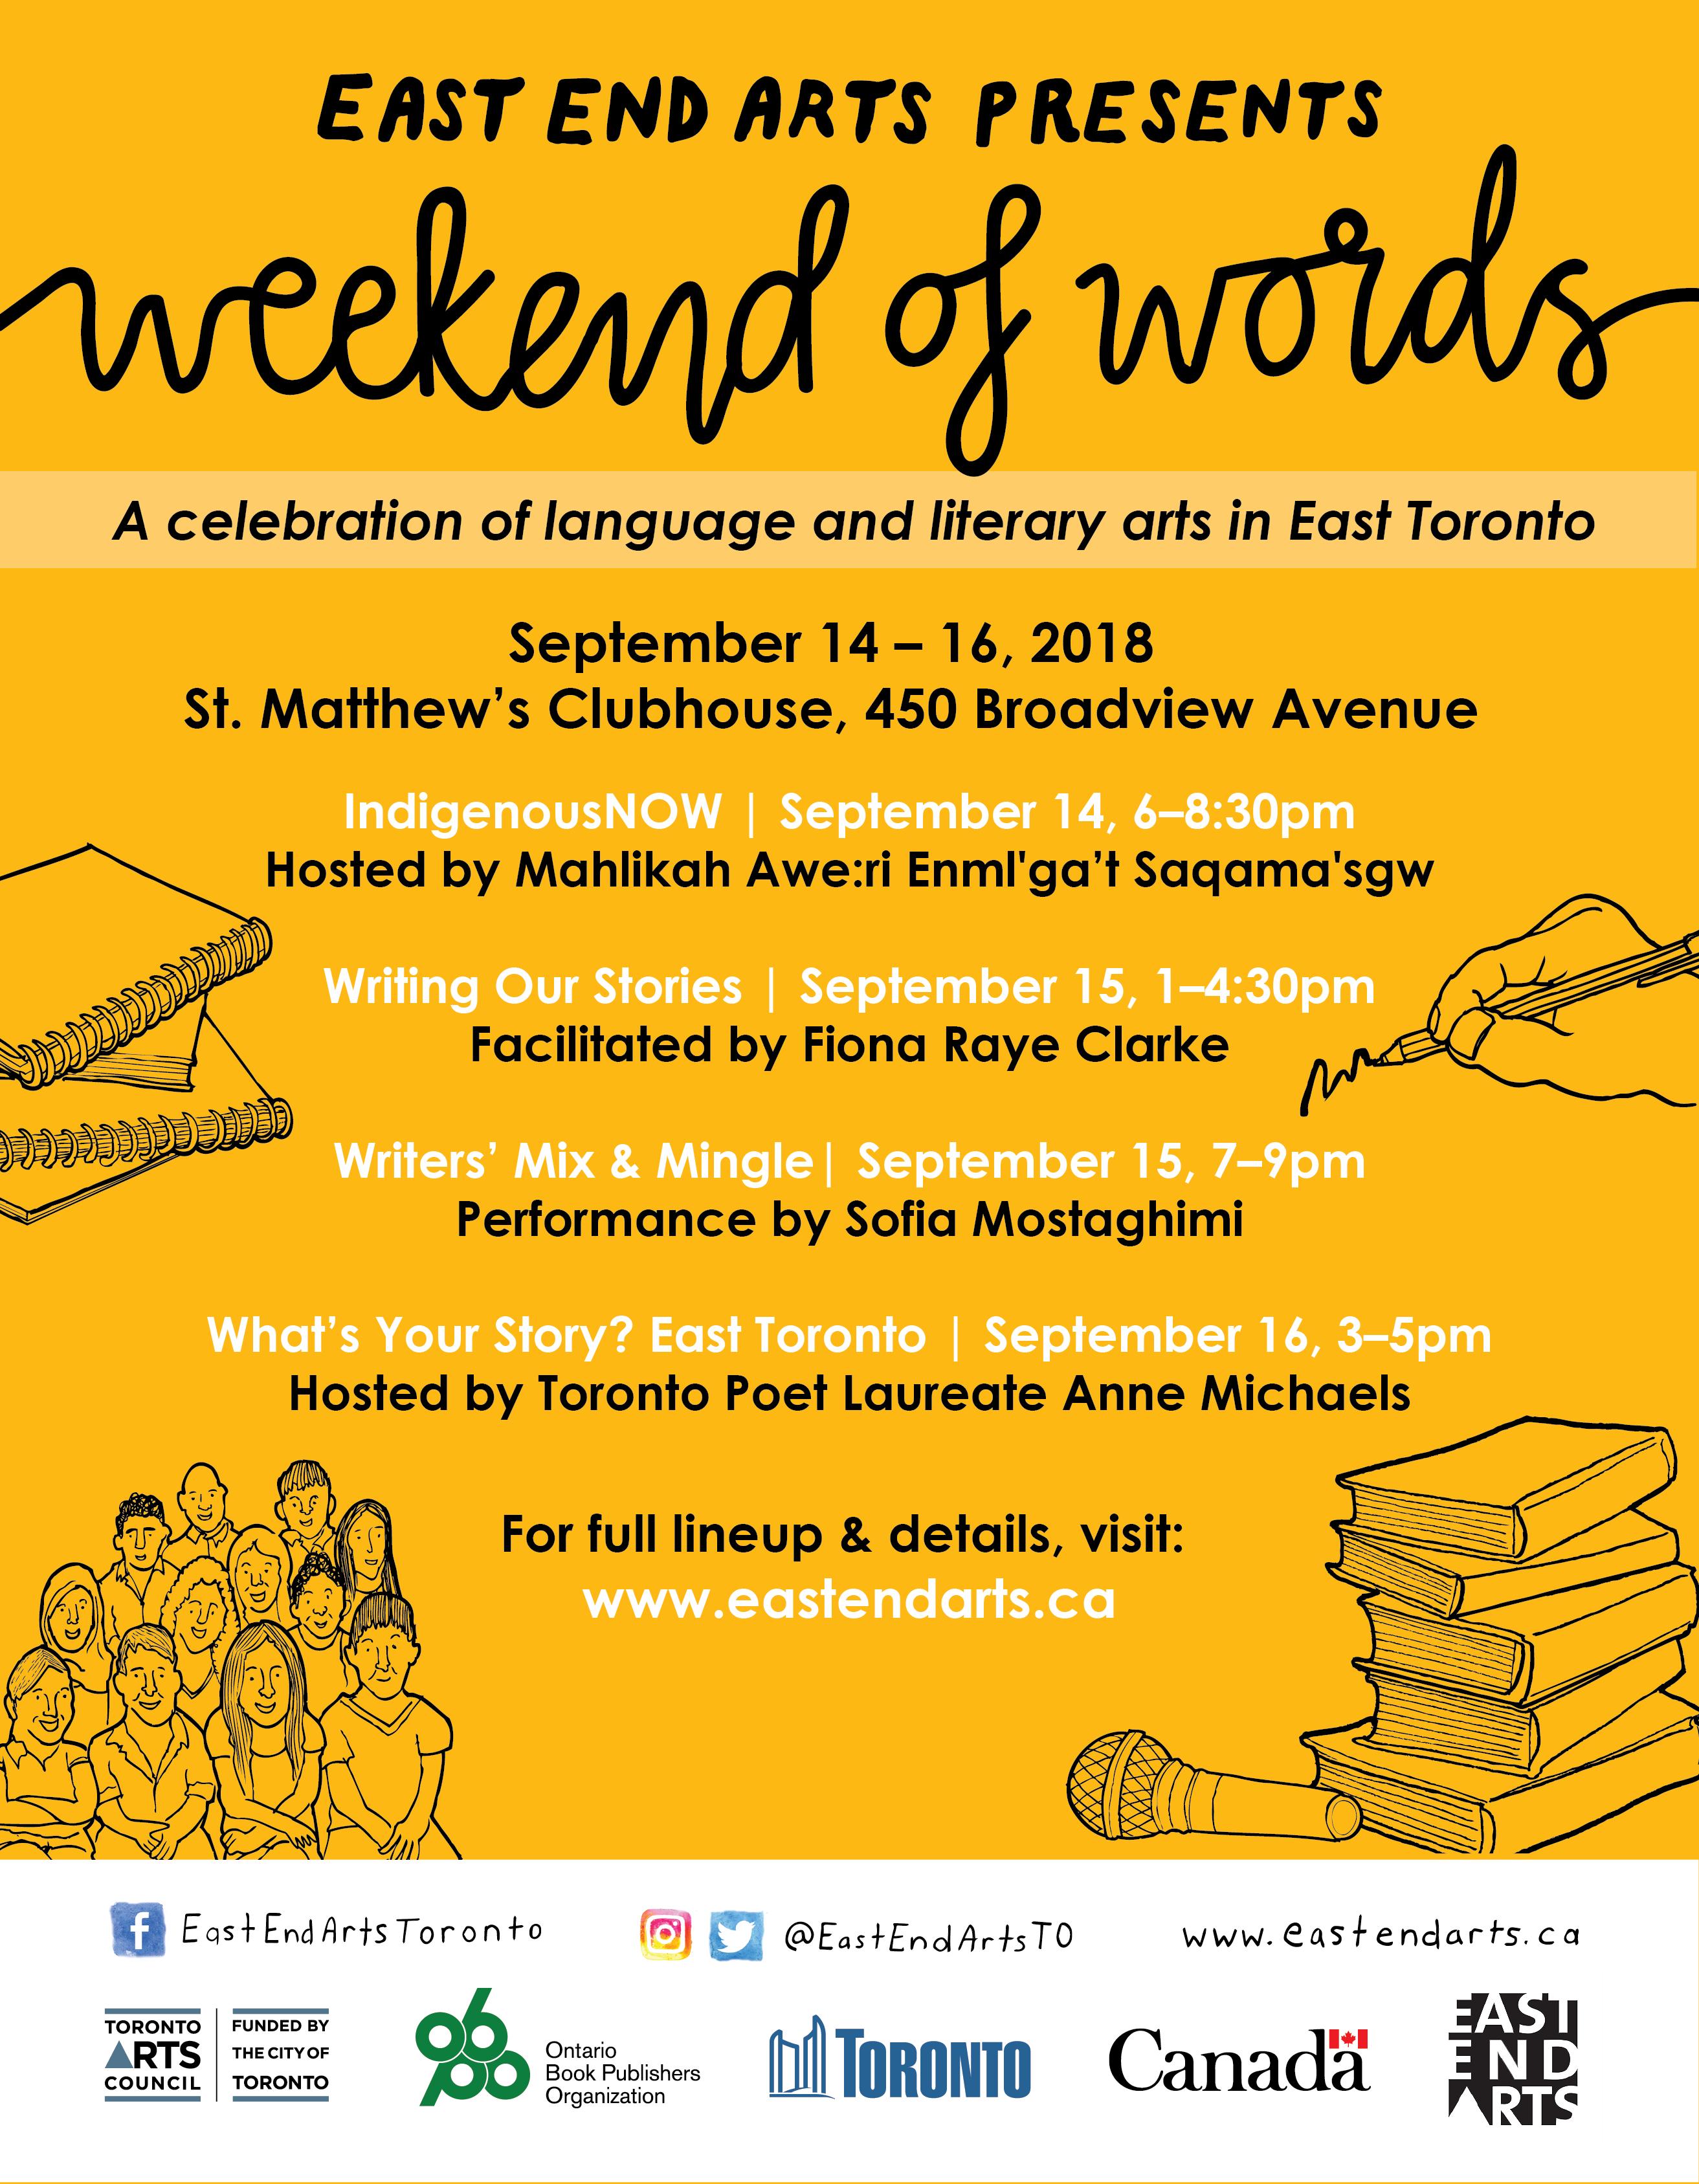 Weekend of Words 2018